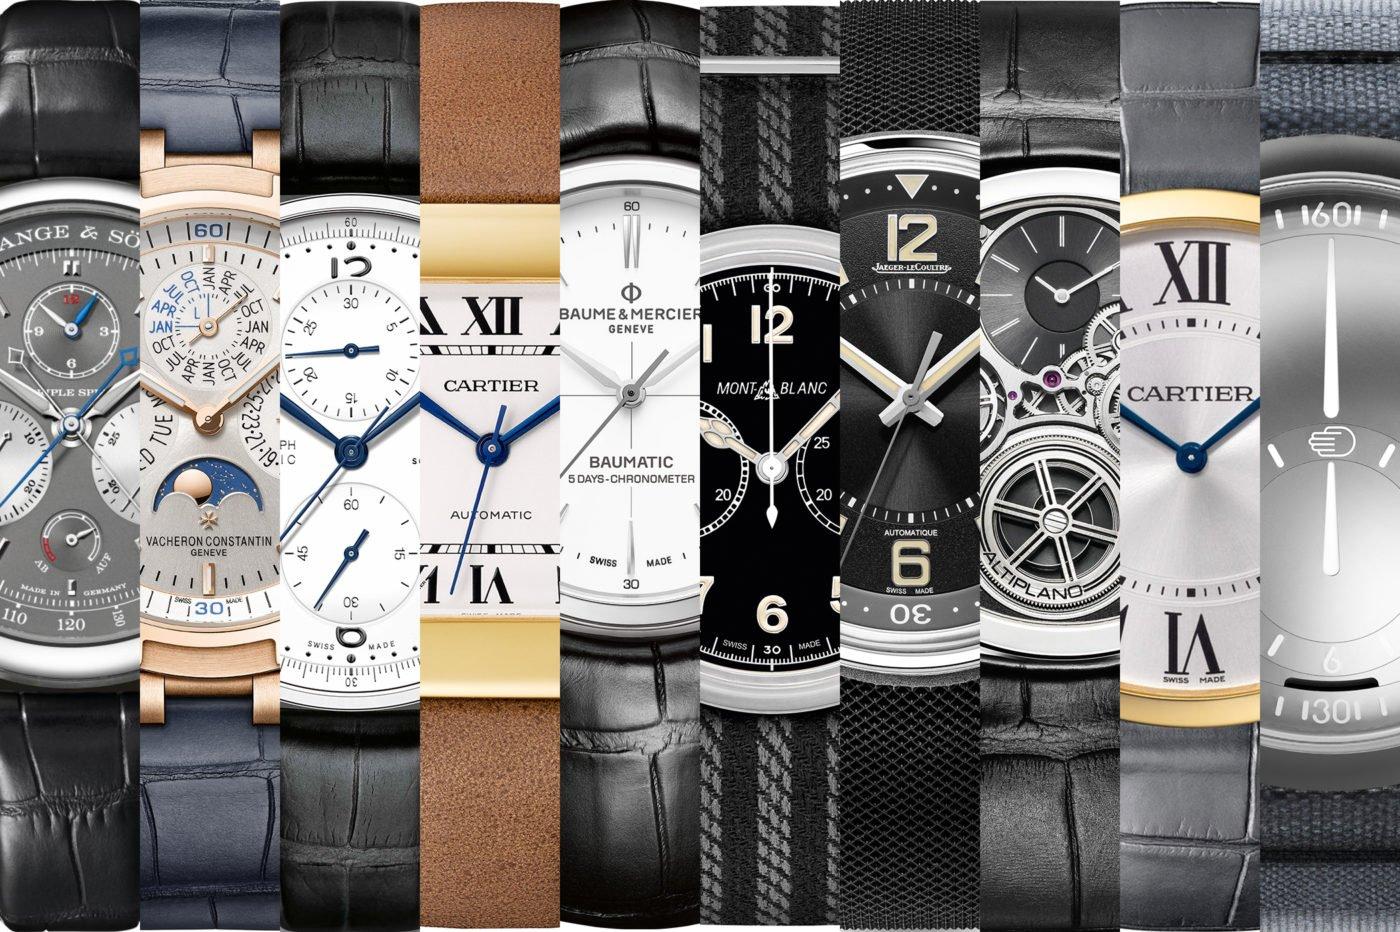 TOP 10 SIHH 2018 – najciekawsze zegarki pokazane na targach w Genewie